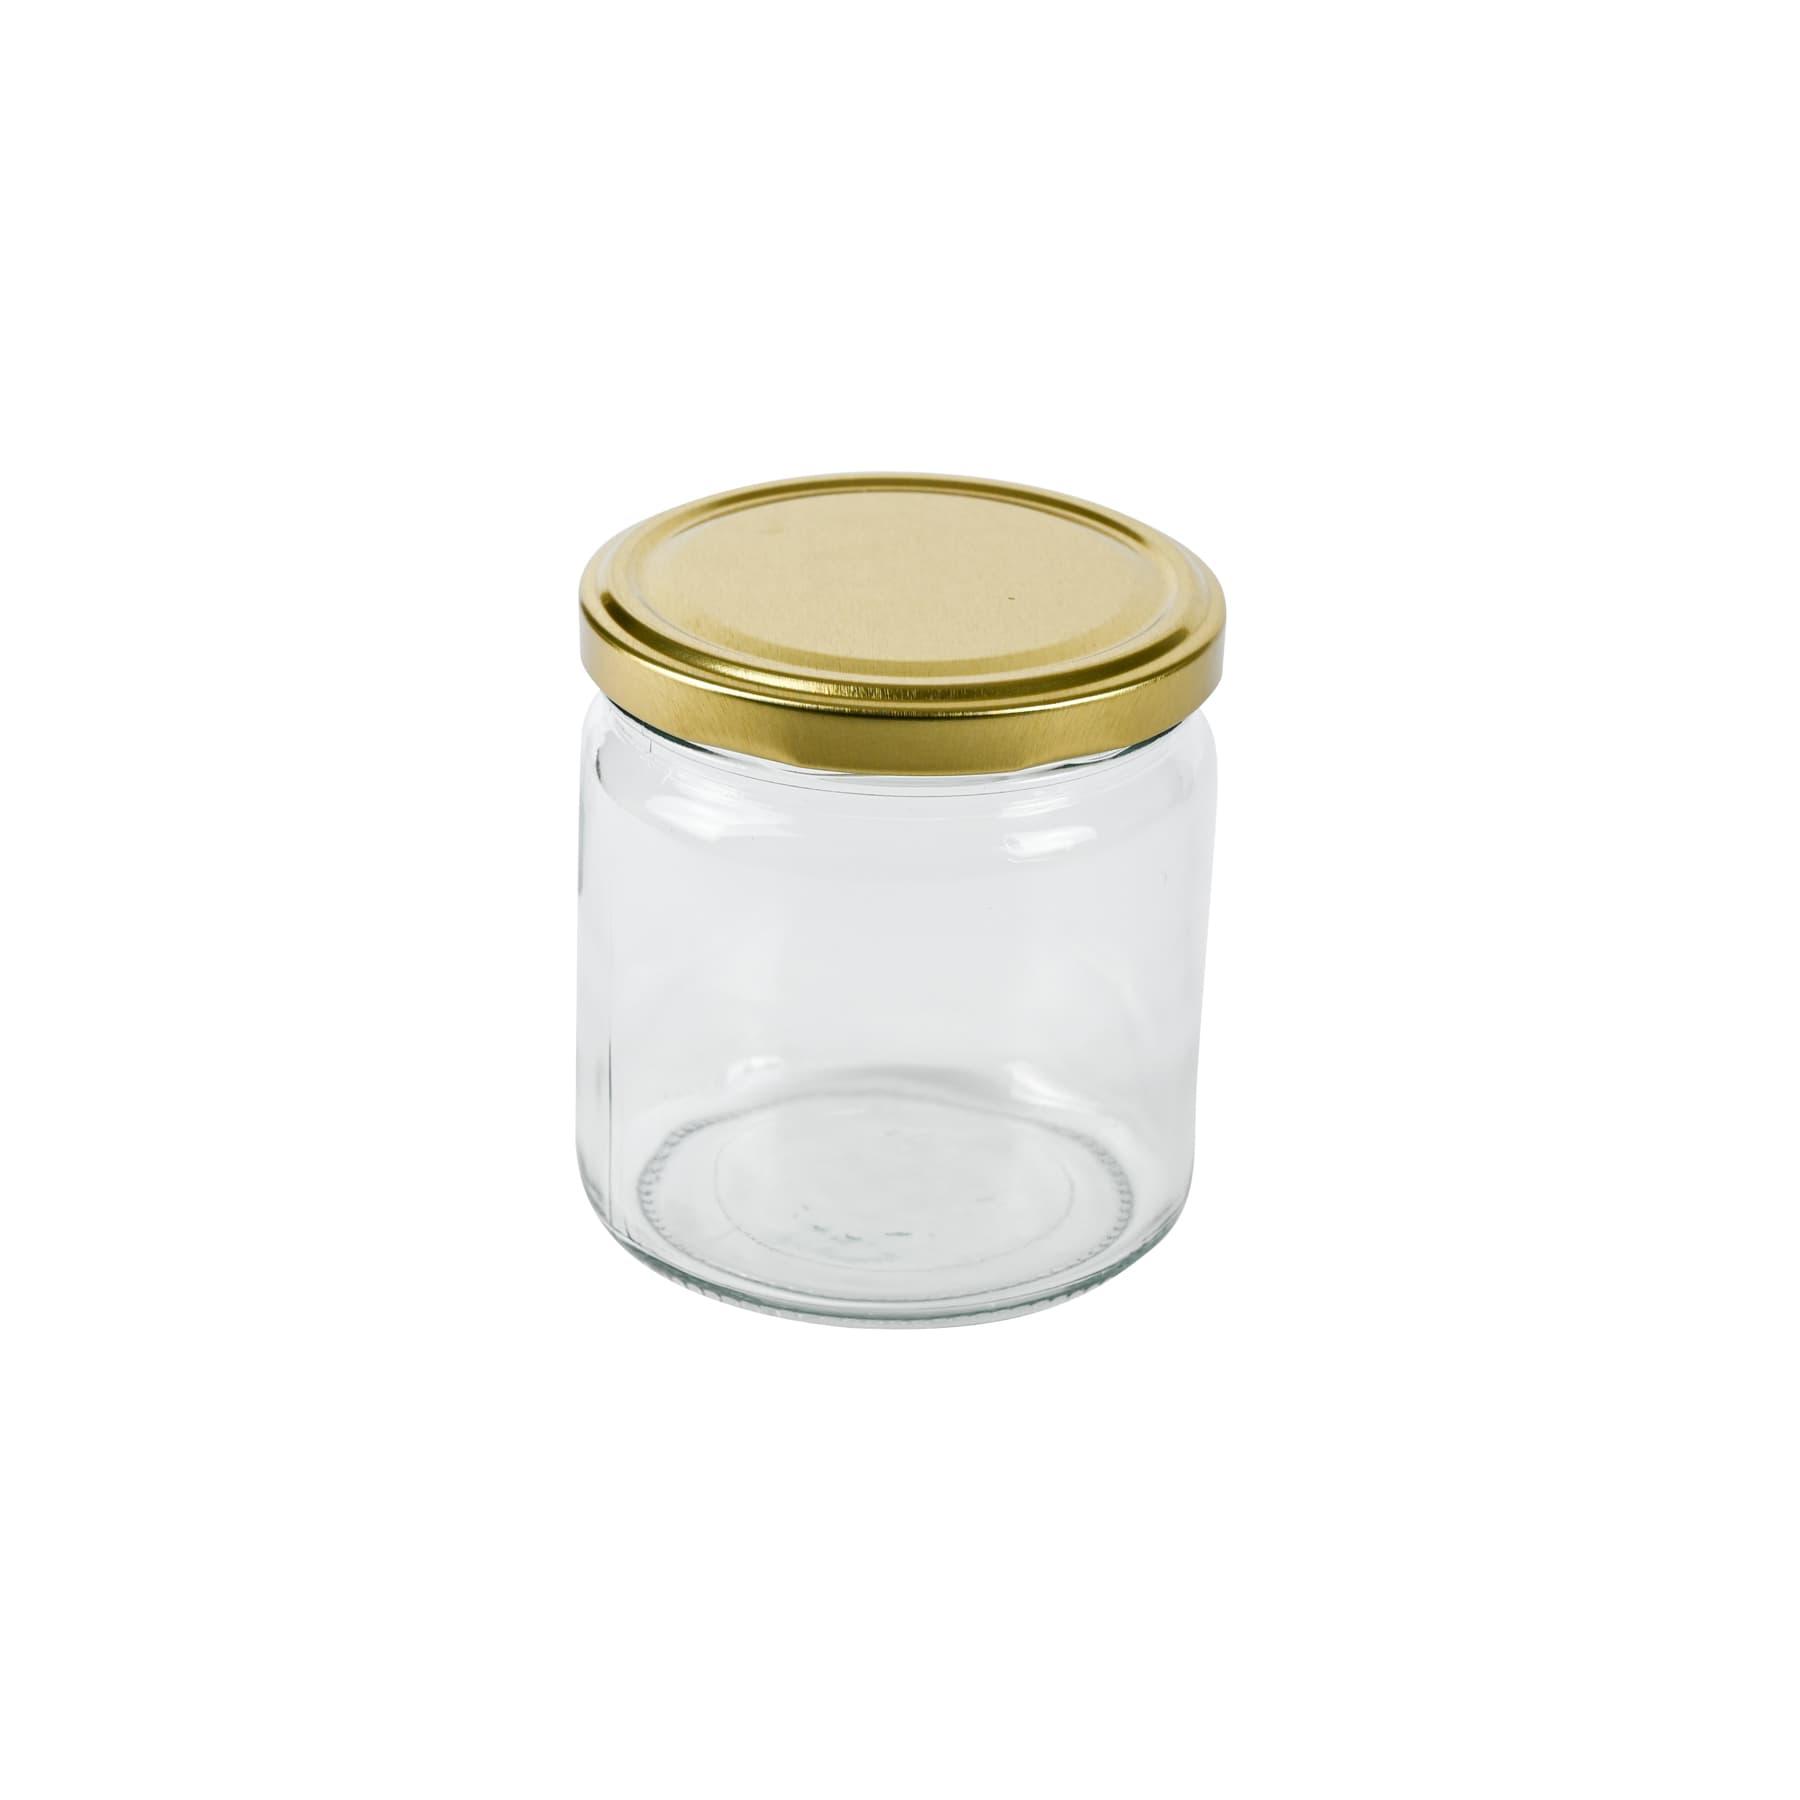 Rundglas 500g (405 ml), mit T0  Deckel gold 82 mm lose ohne Karton